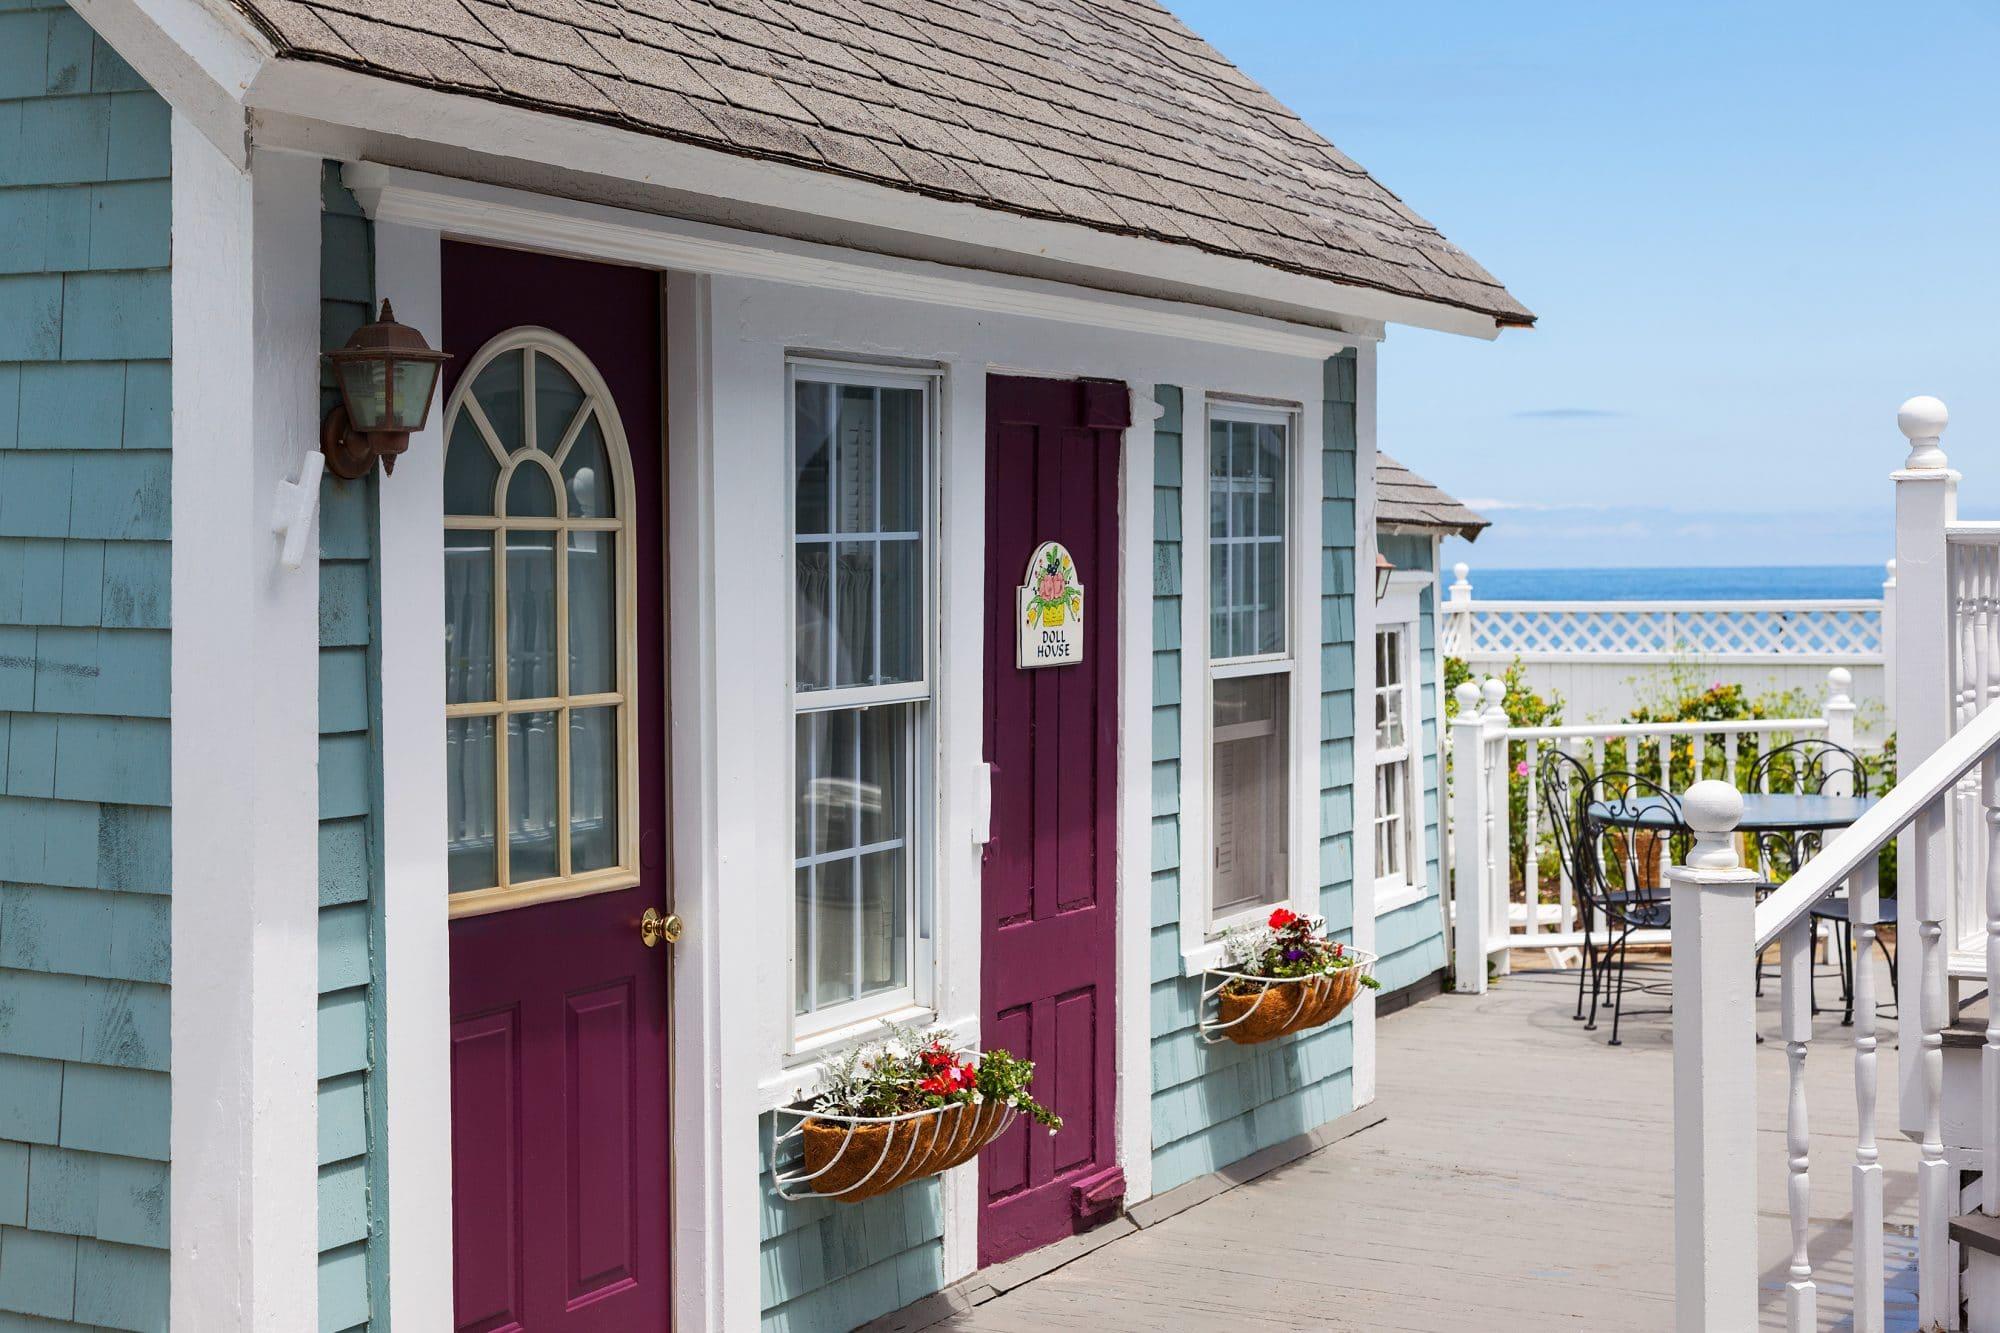 Doll House 0724 6-2012